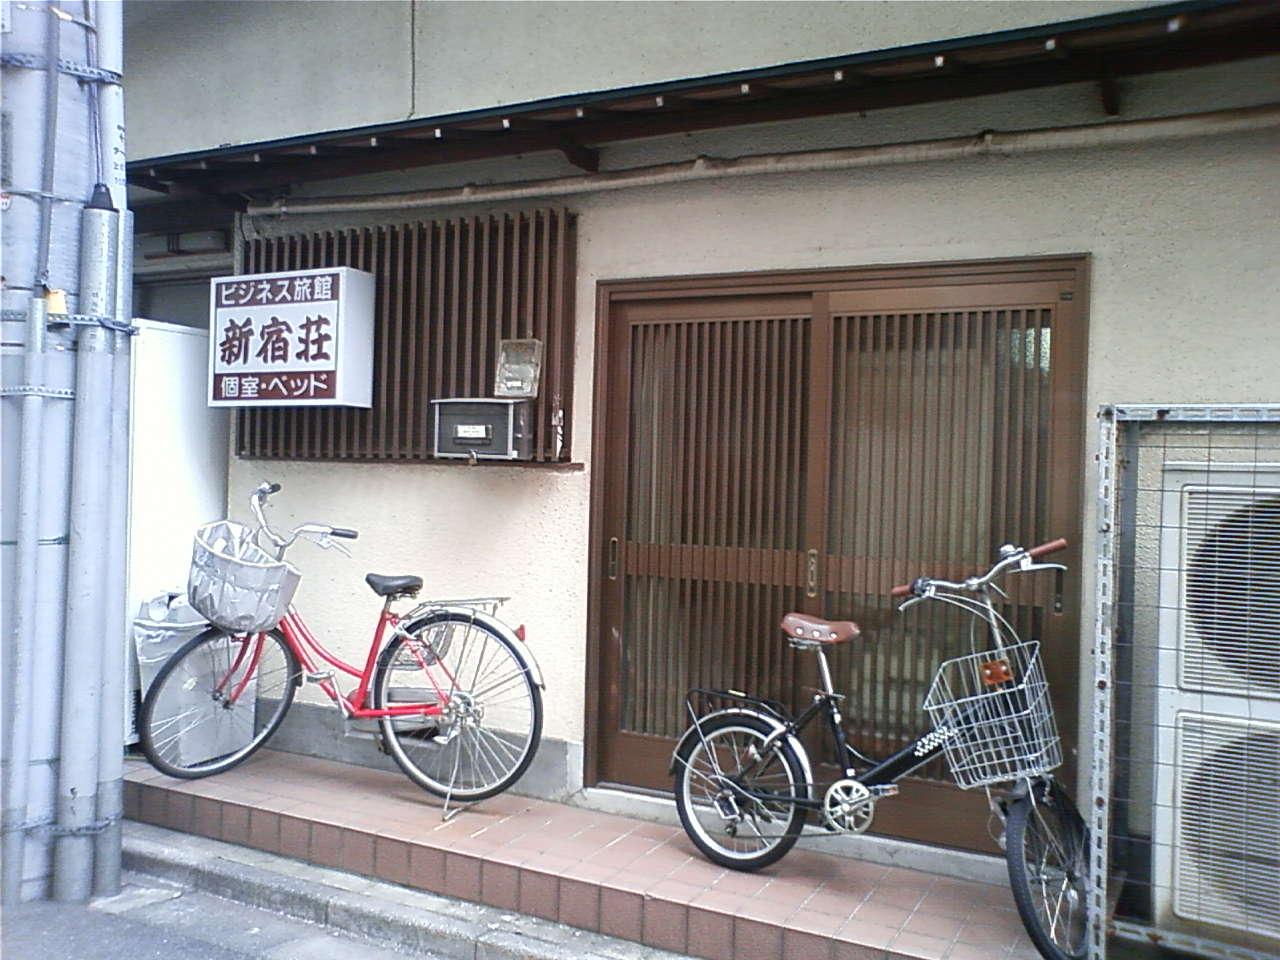 写真 新宿四丁目付近 4_b0136144_63218.jpg